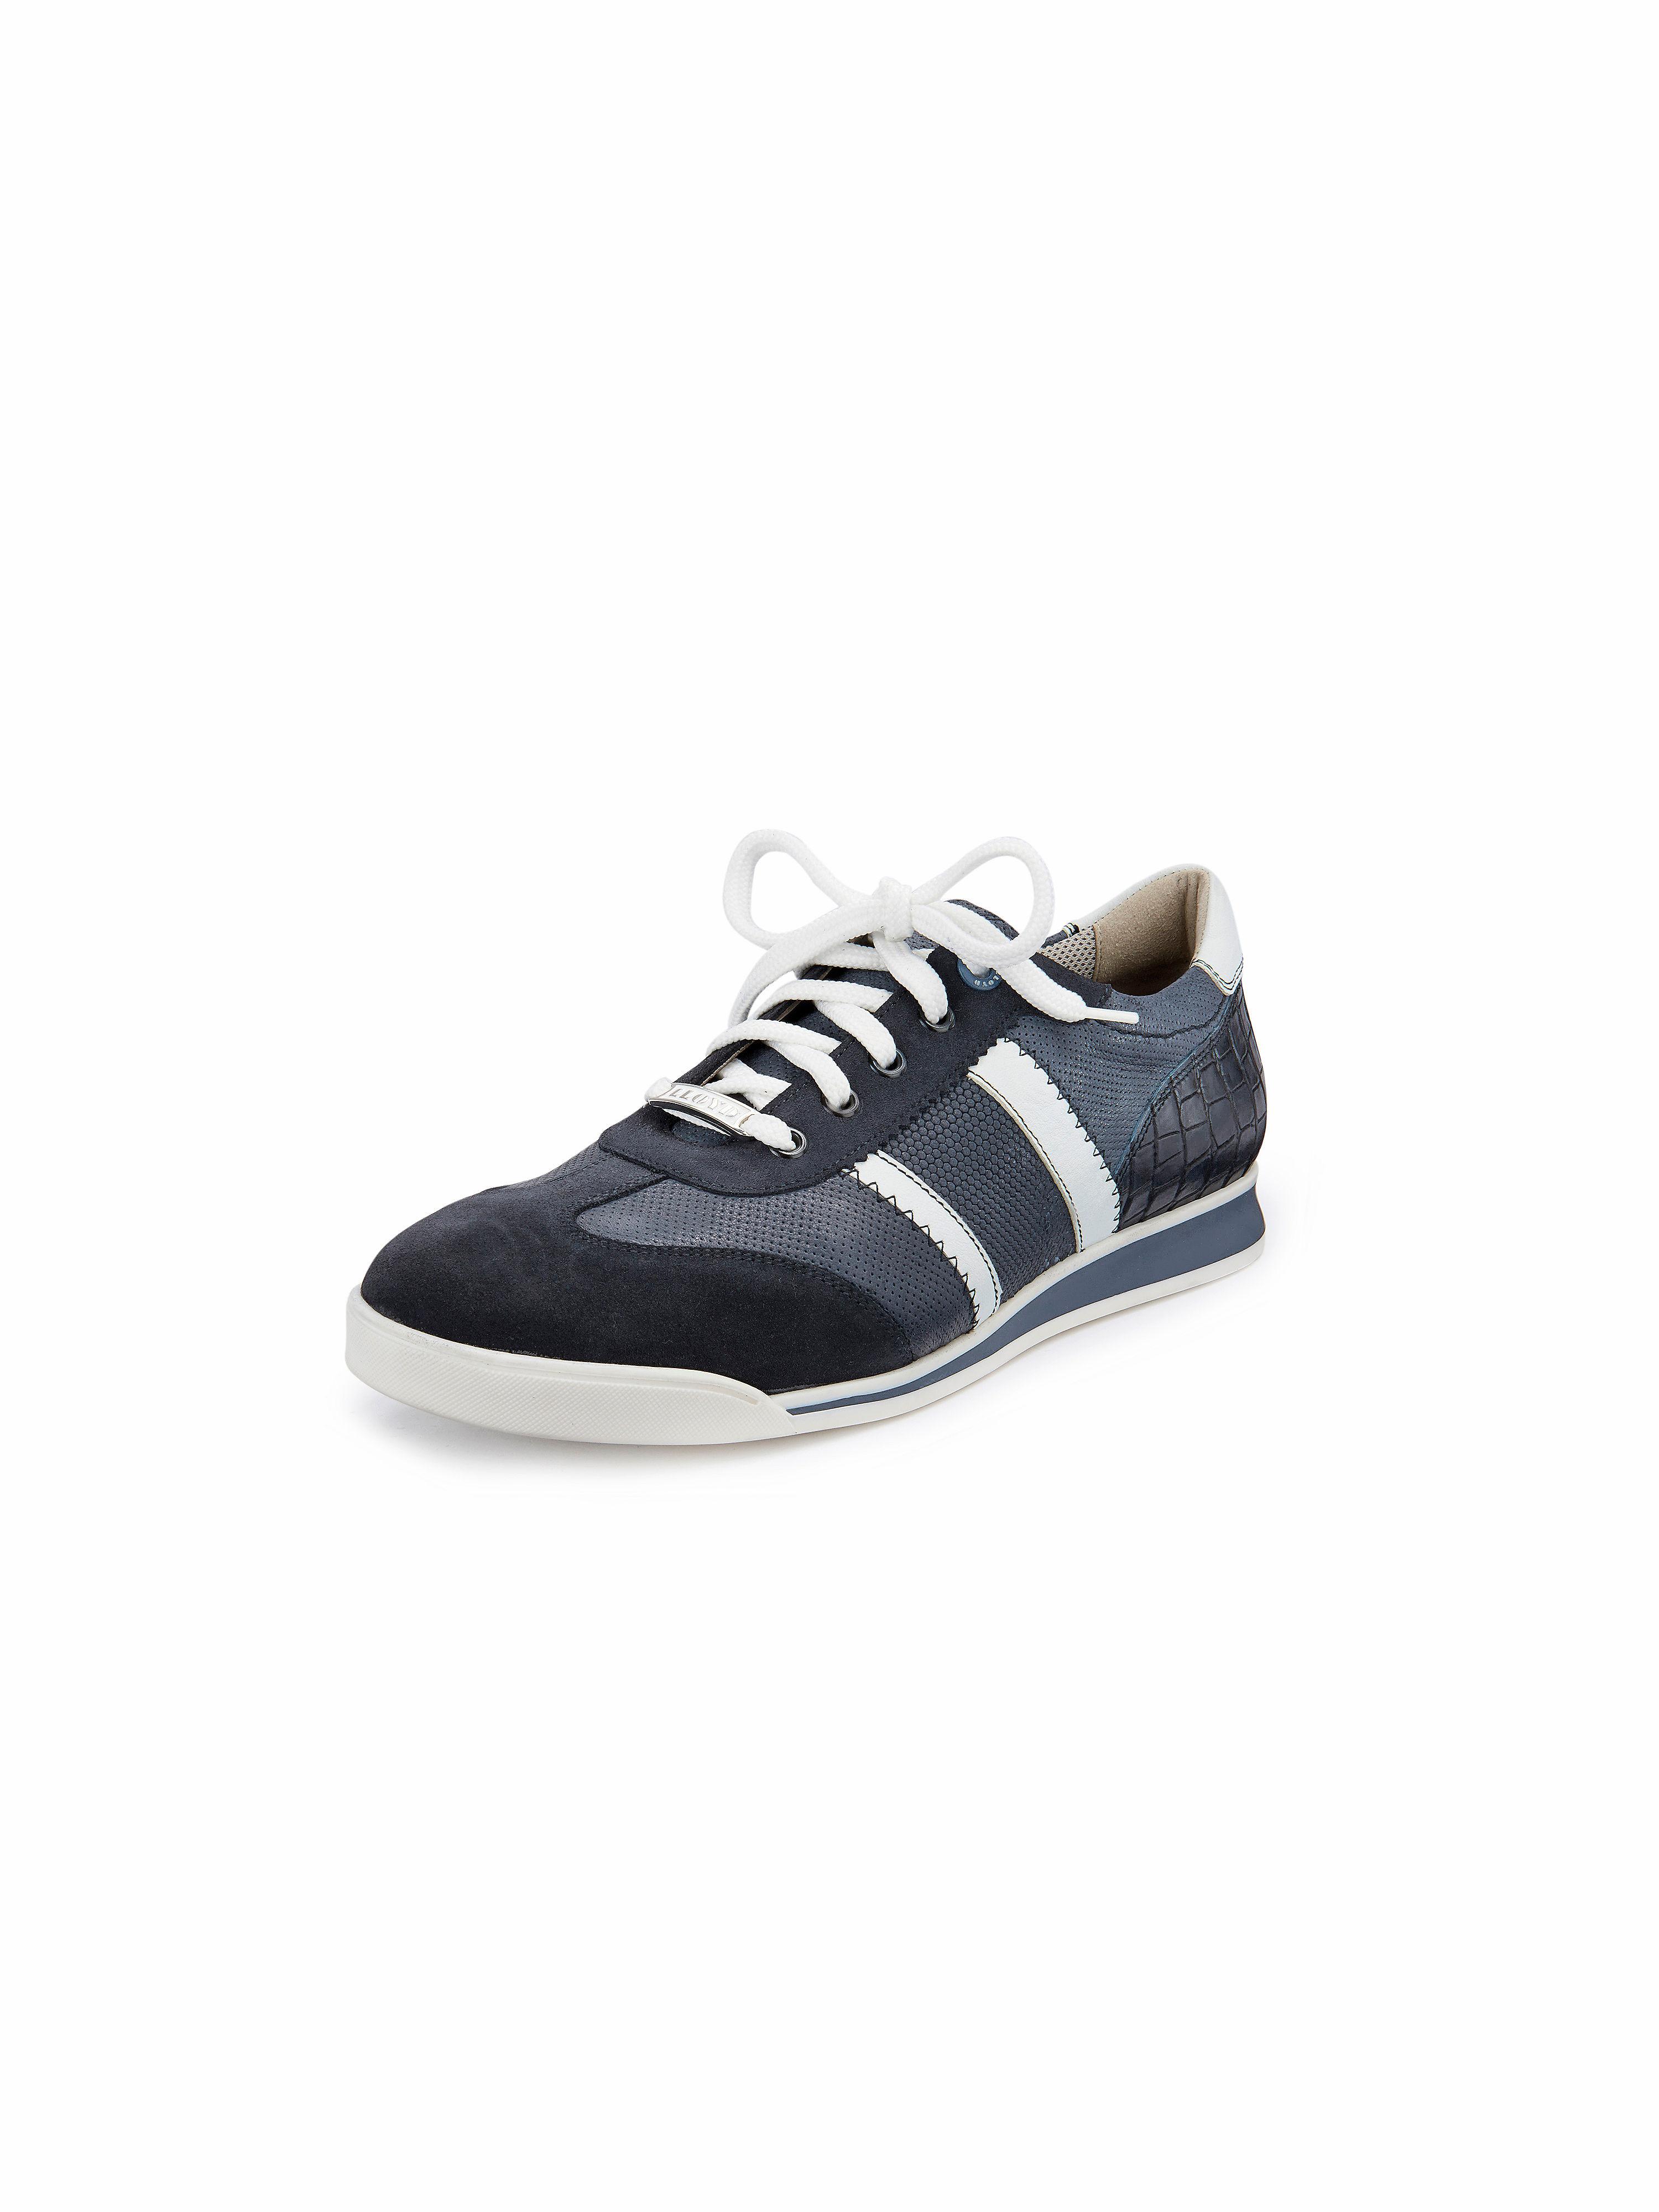 861f7fa8979050 Schuhe online günstig kaufen über shop24.at